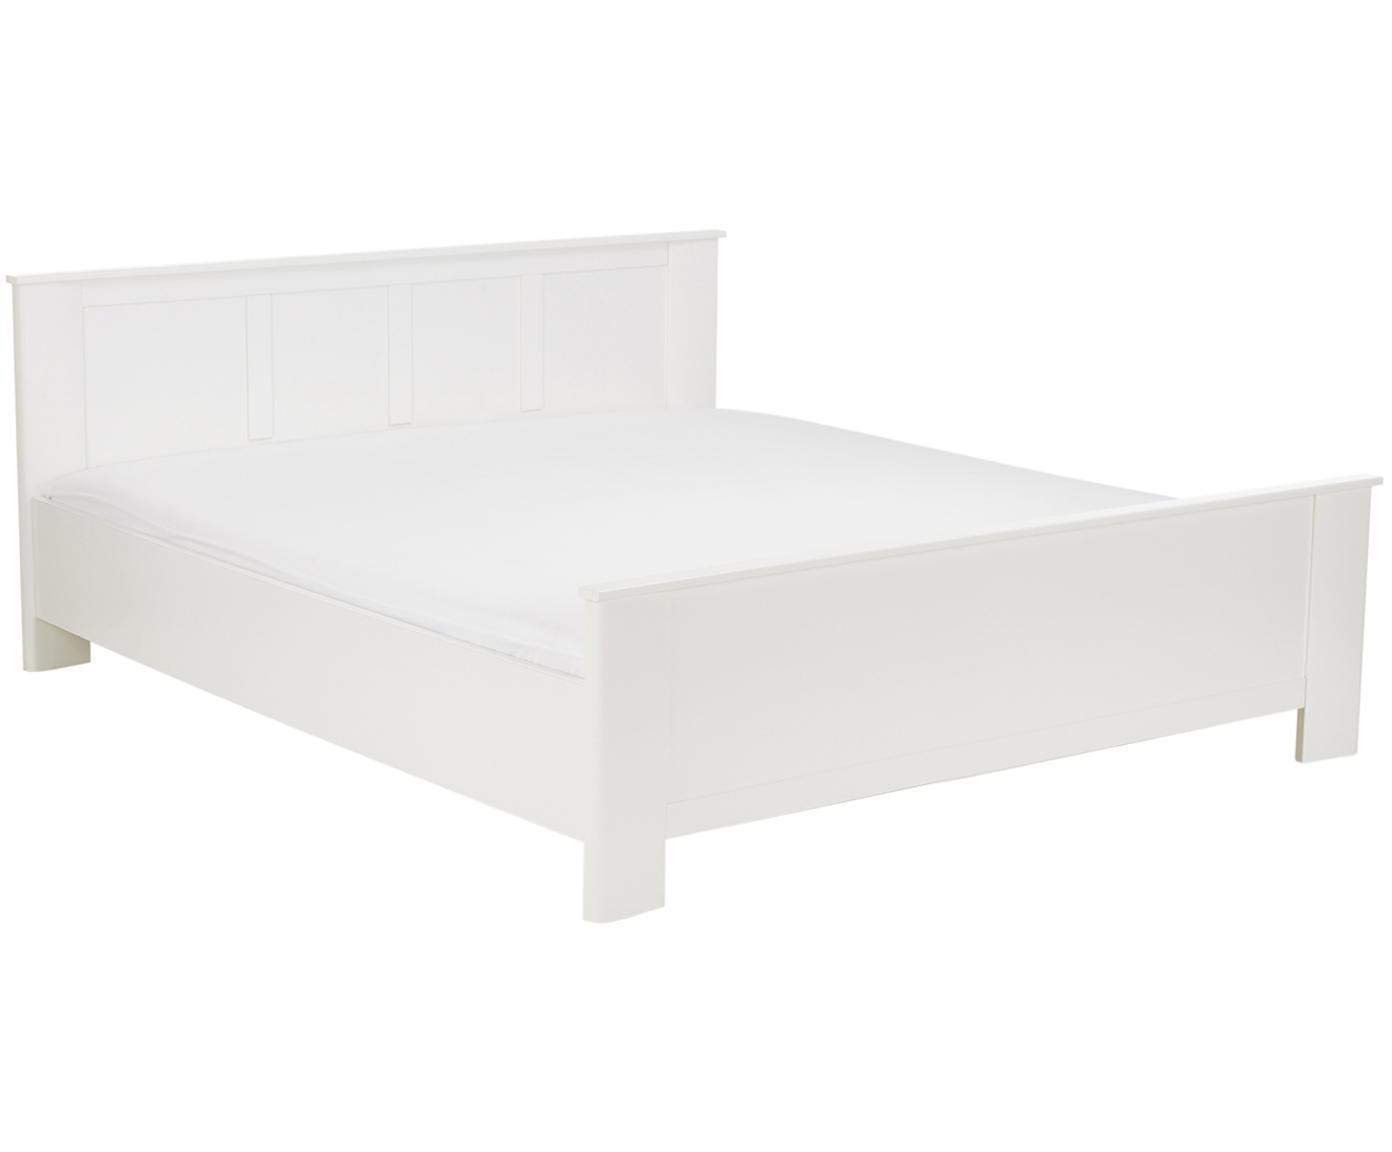 Wit houten bed Chalet, Spaanplaat, Wit, 180 x 200 cm